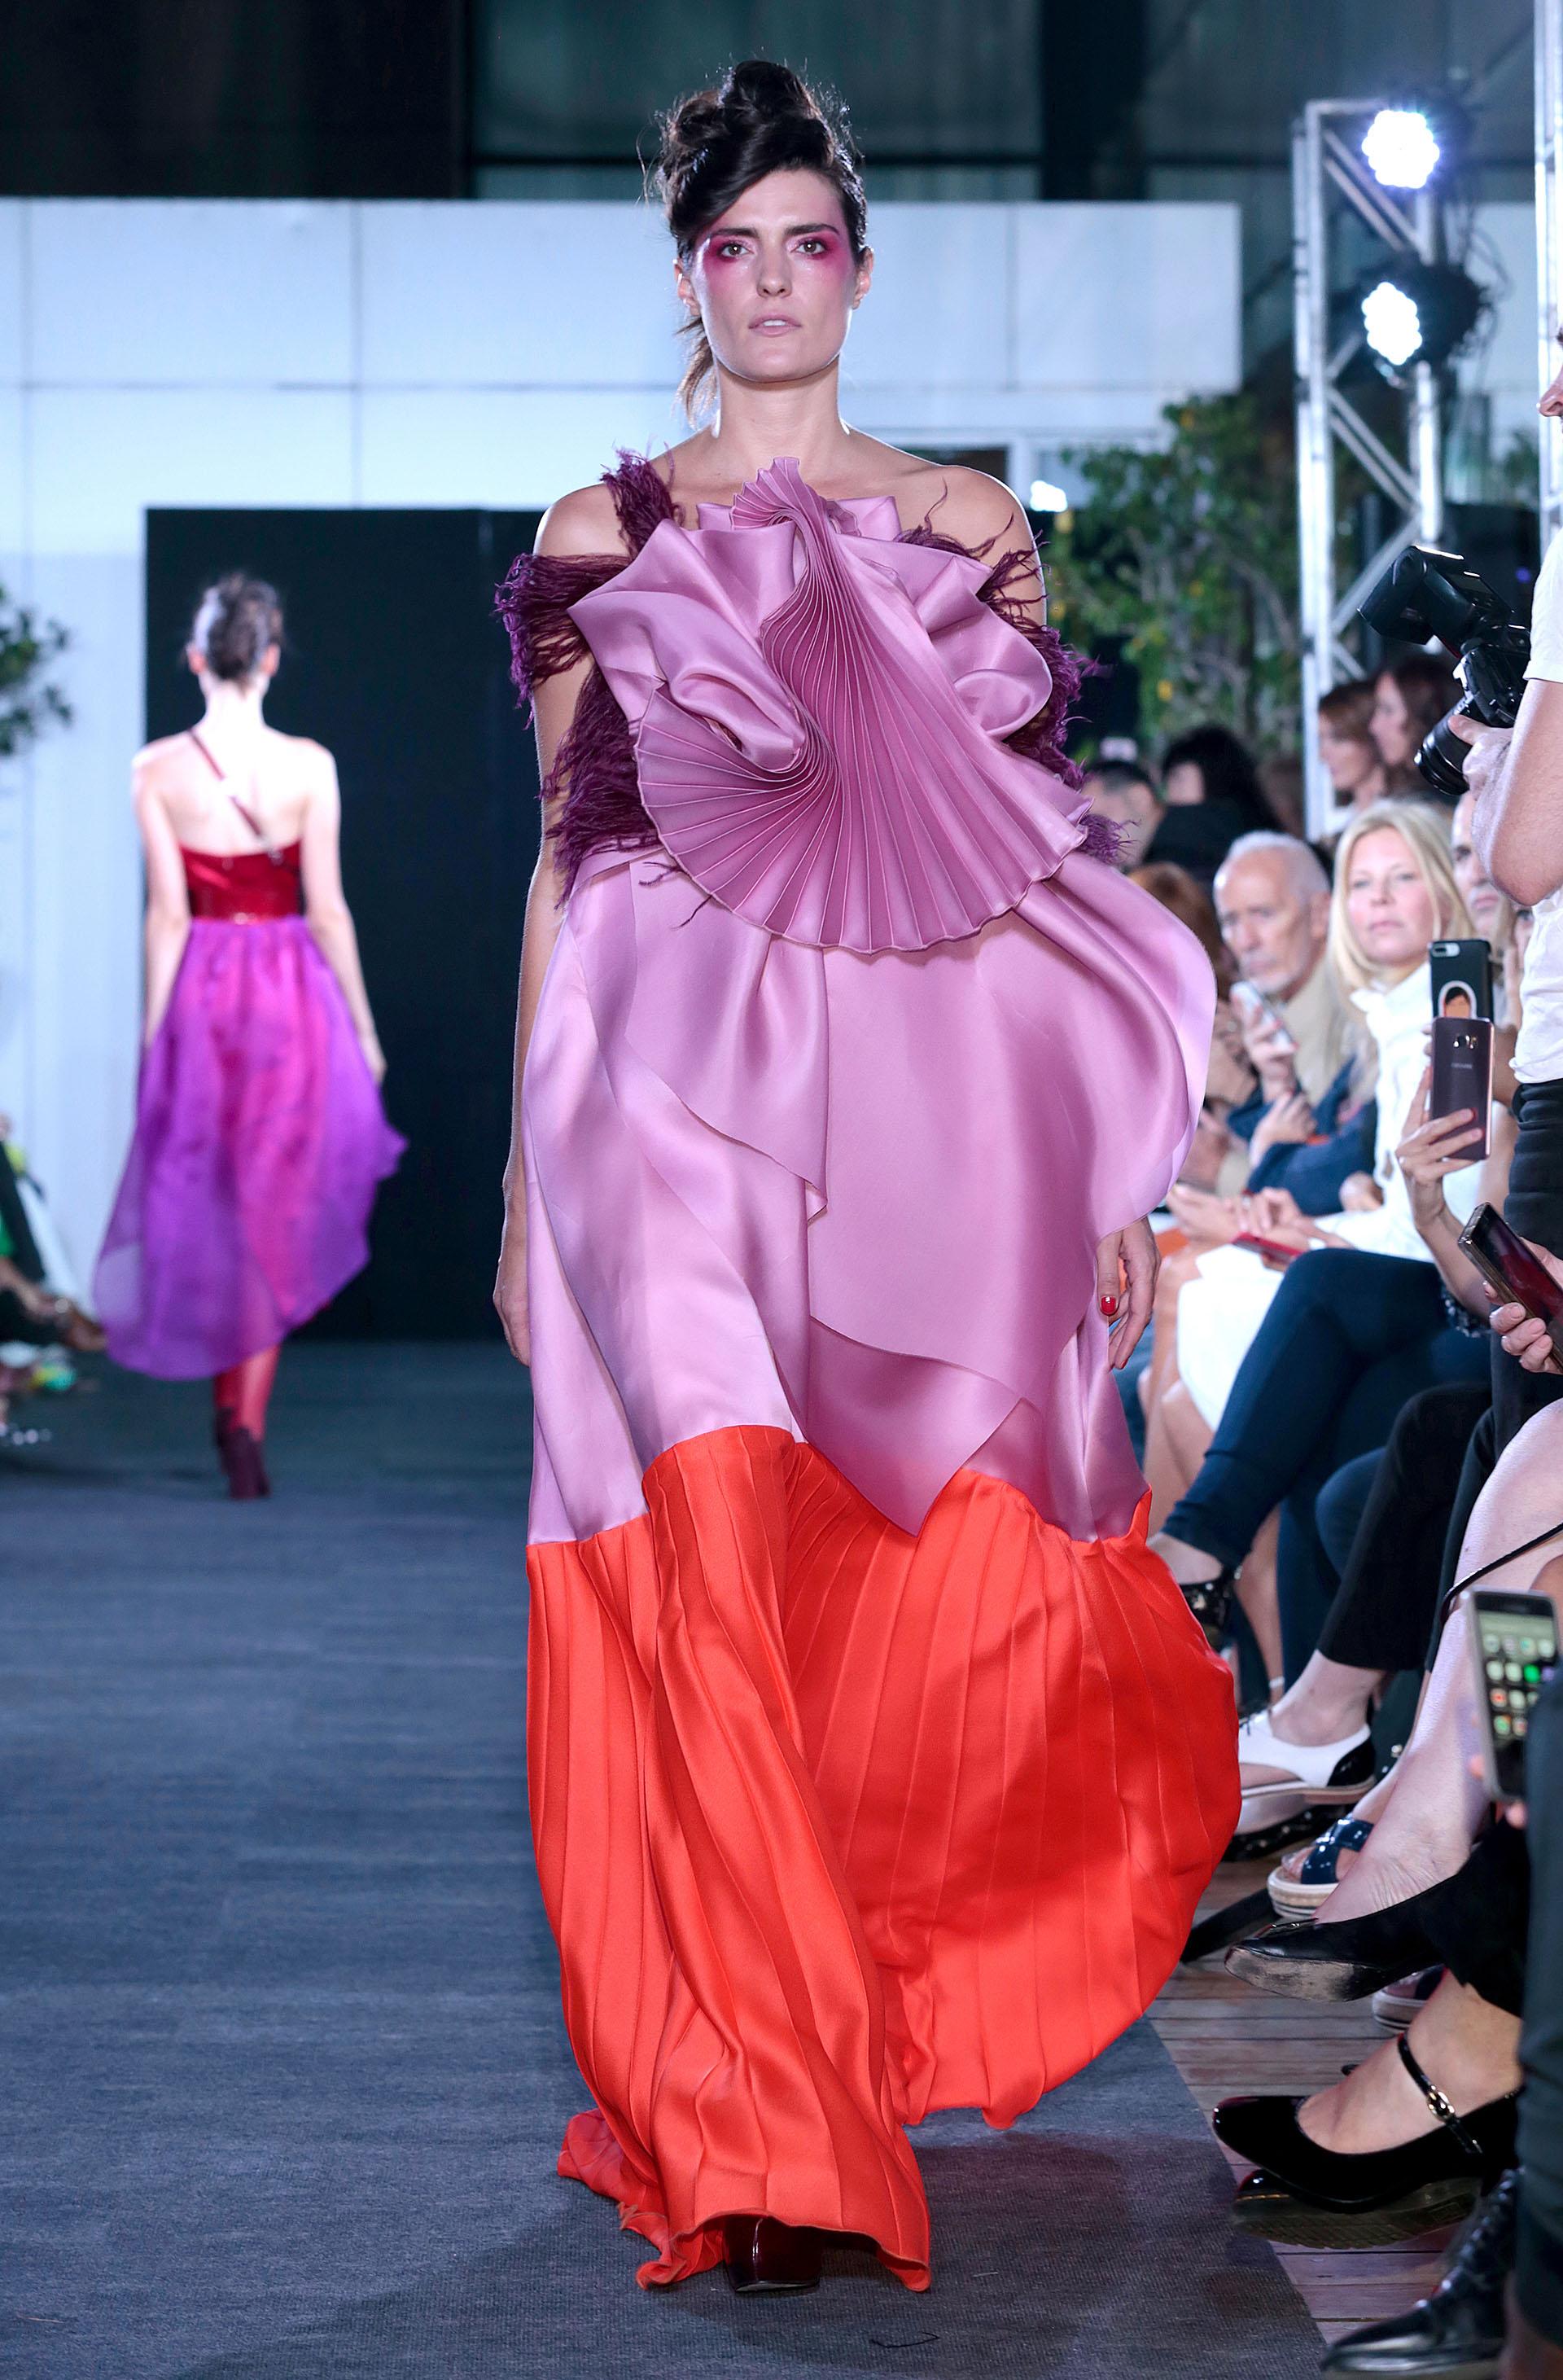 Mix de texturas y colores. Flecos, seda y plisados en violeta, lila y rojo.